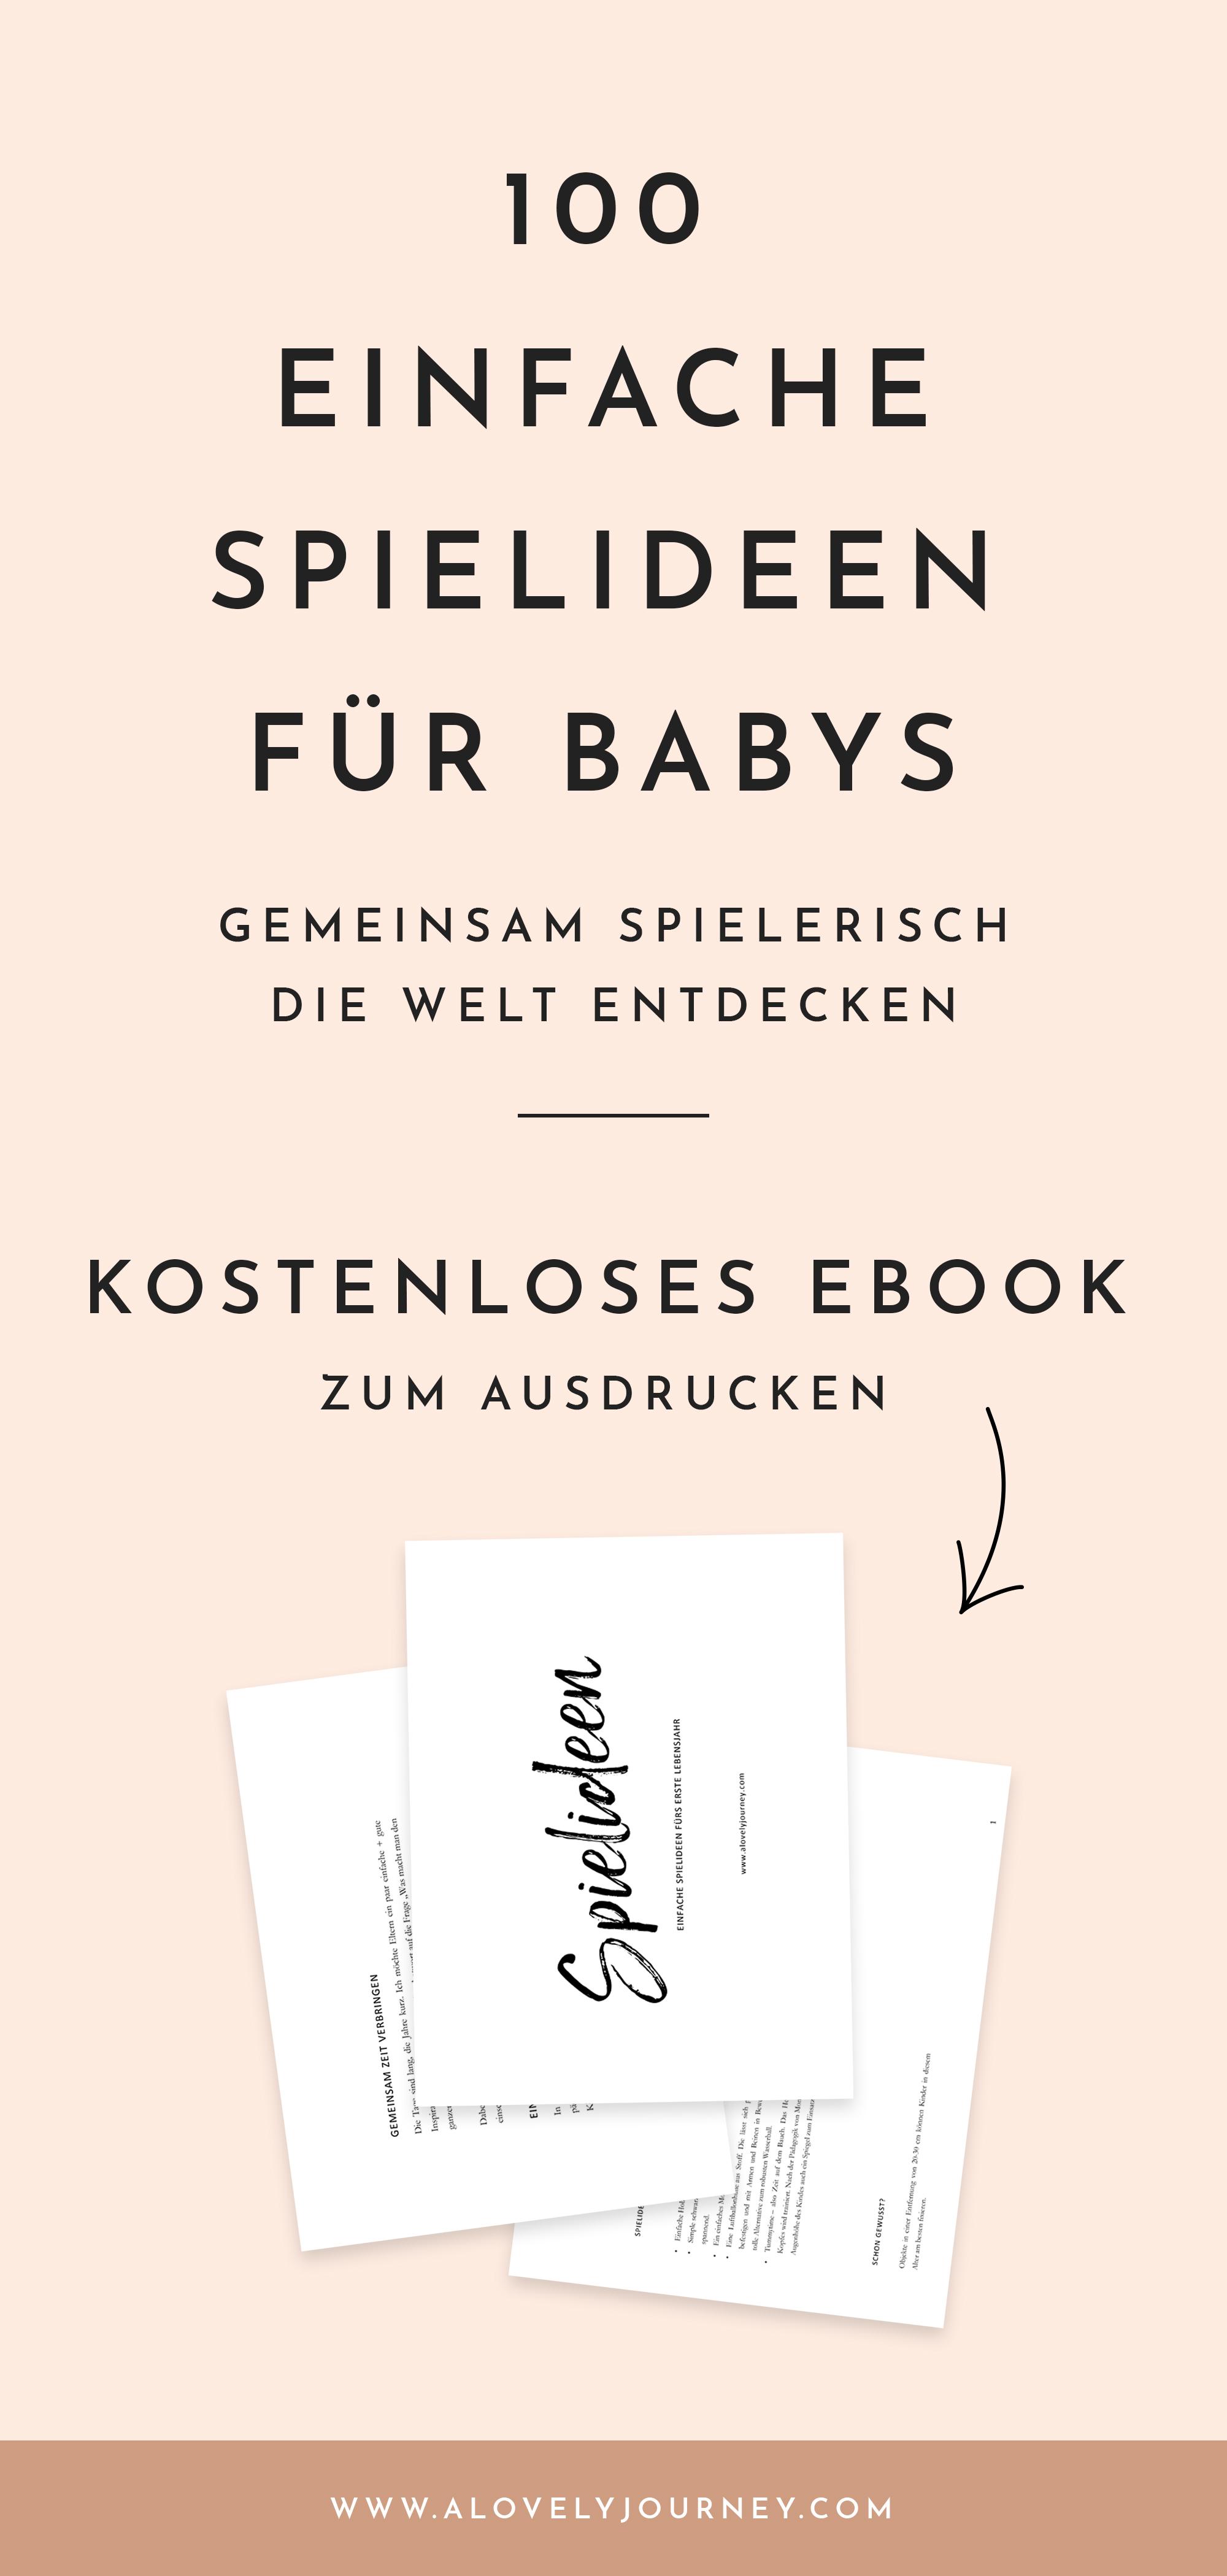 Kostenloses eBook: 100 einfache Spielideen für Babys zum Ausdrucken